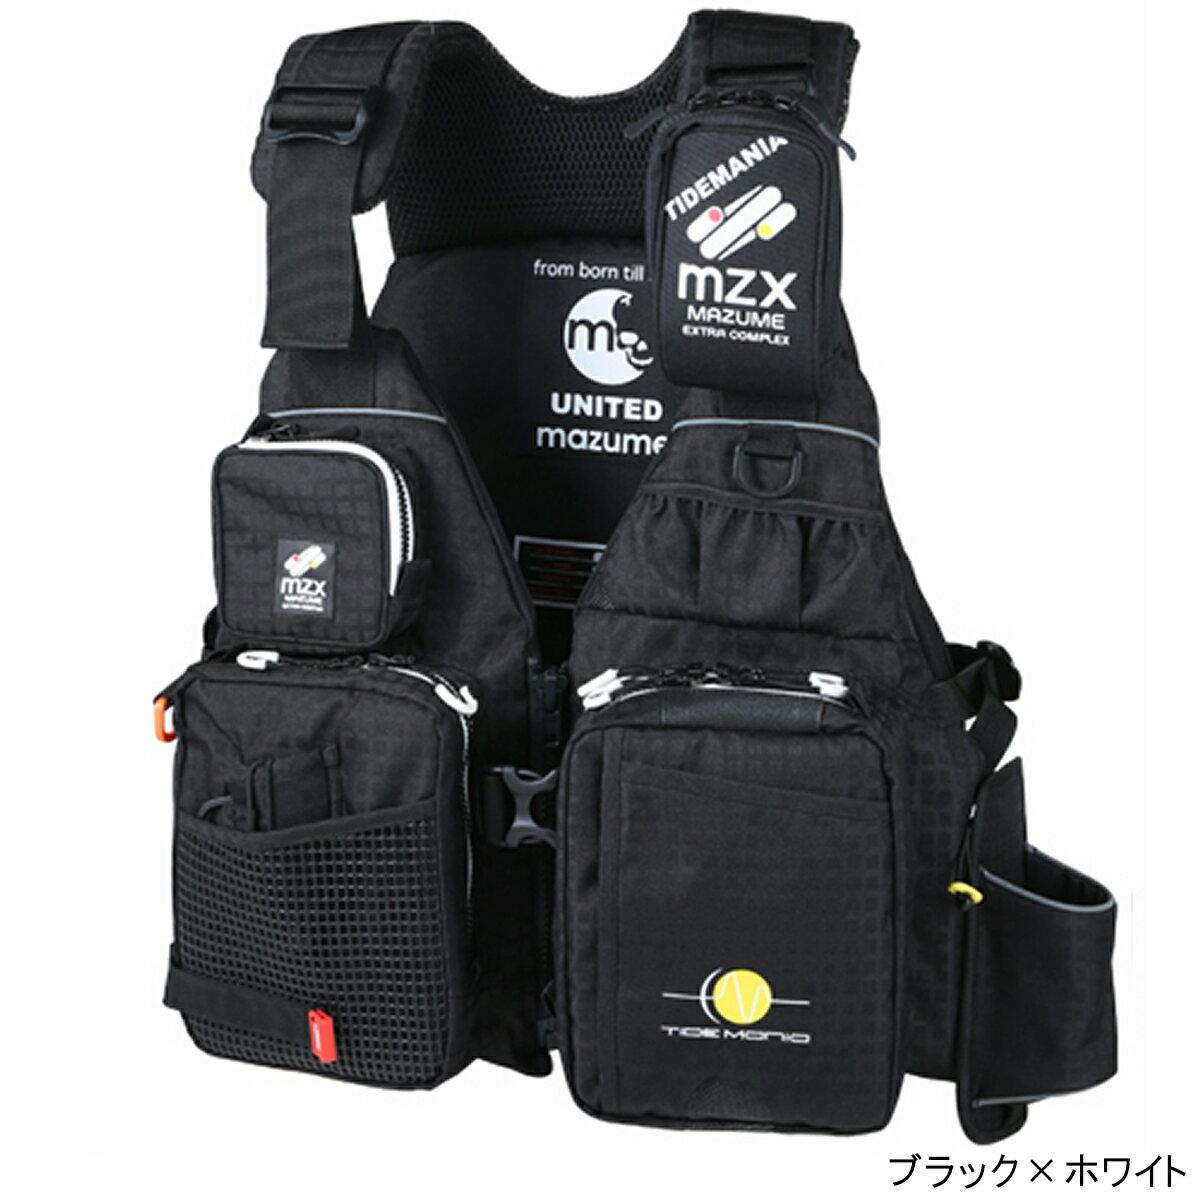 オレンジブルー mazume MZX タイドマニアライフジャケット MZXLJ-049 フリー ブラック×ホワイト【送料無料】